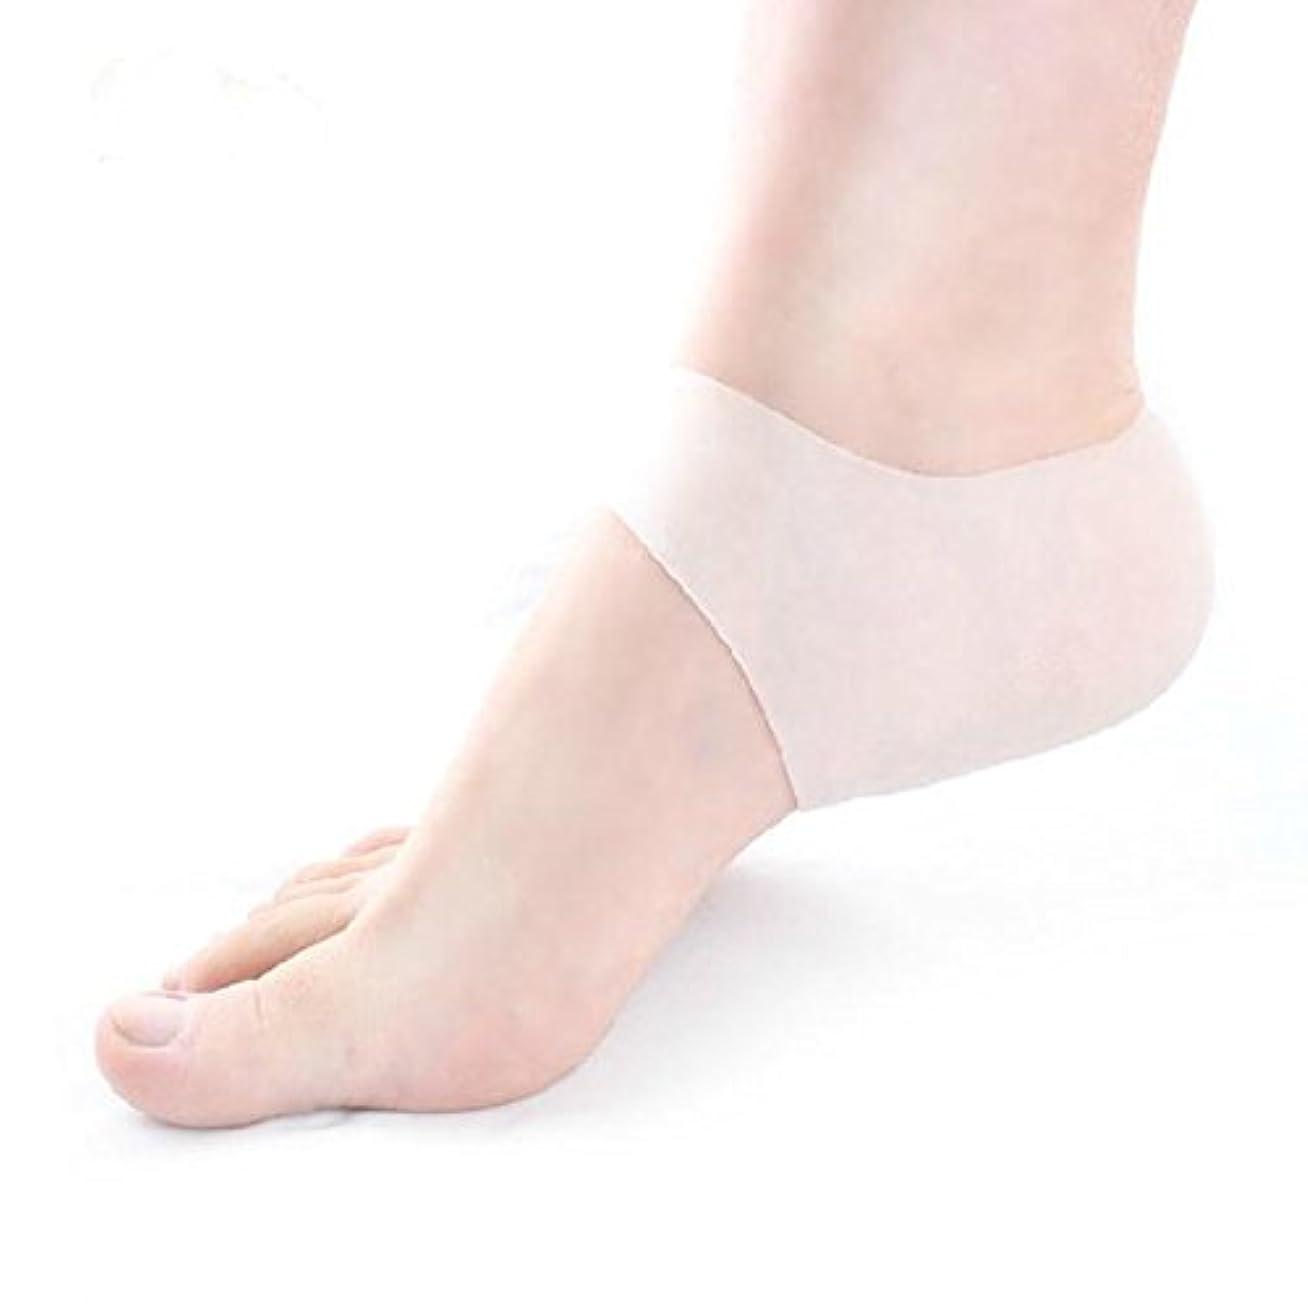 壊滅的な前売奇妙なACHICOO 保護クッション 皮膚 軟化 グレード シリコーンゲルヒールの袖 足根筋膜炎 痛み緩和 1つペア White